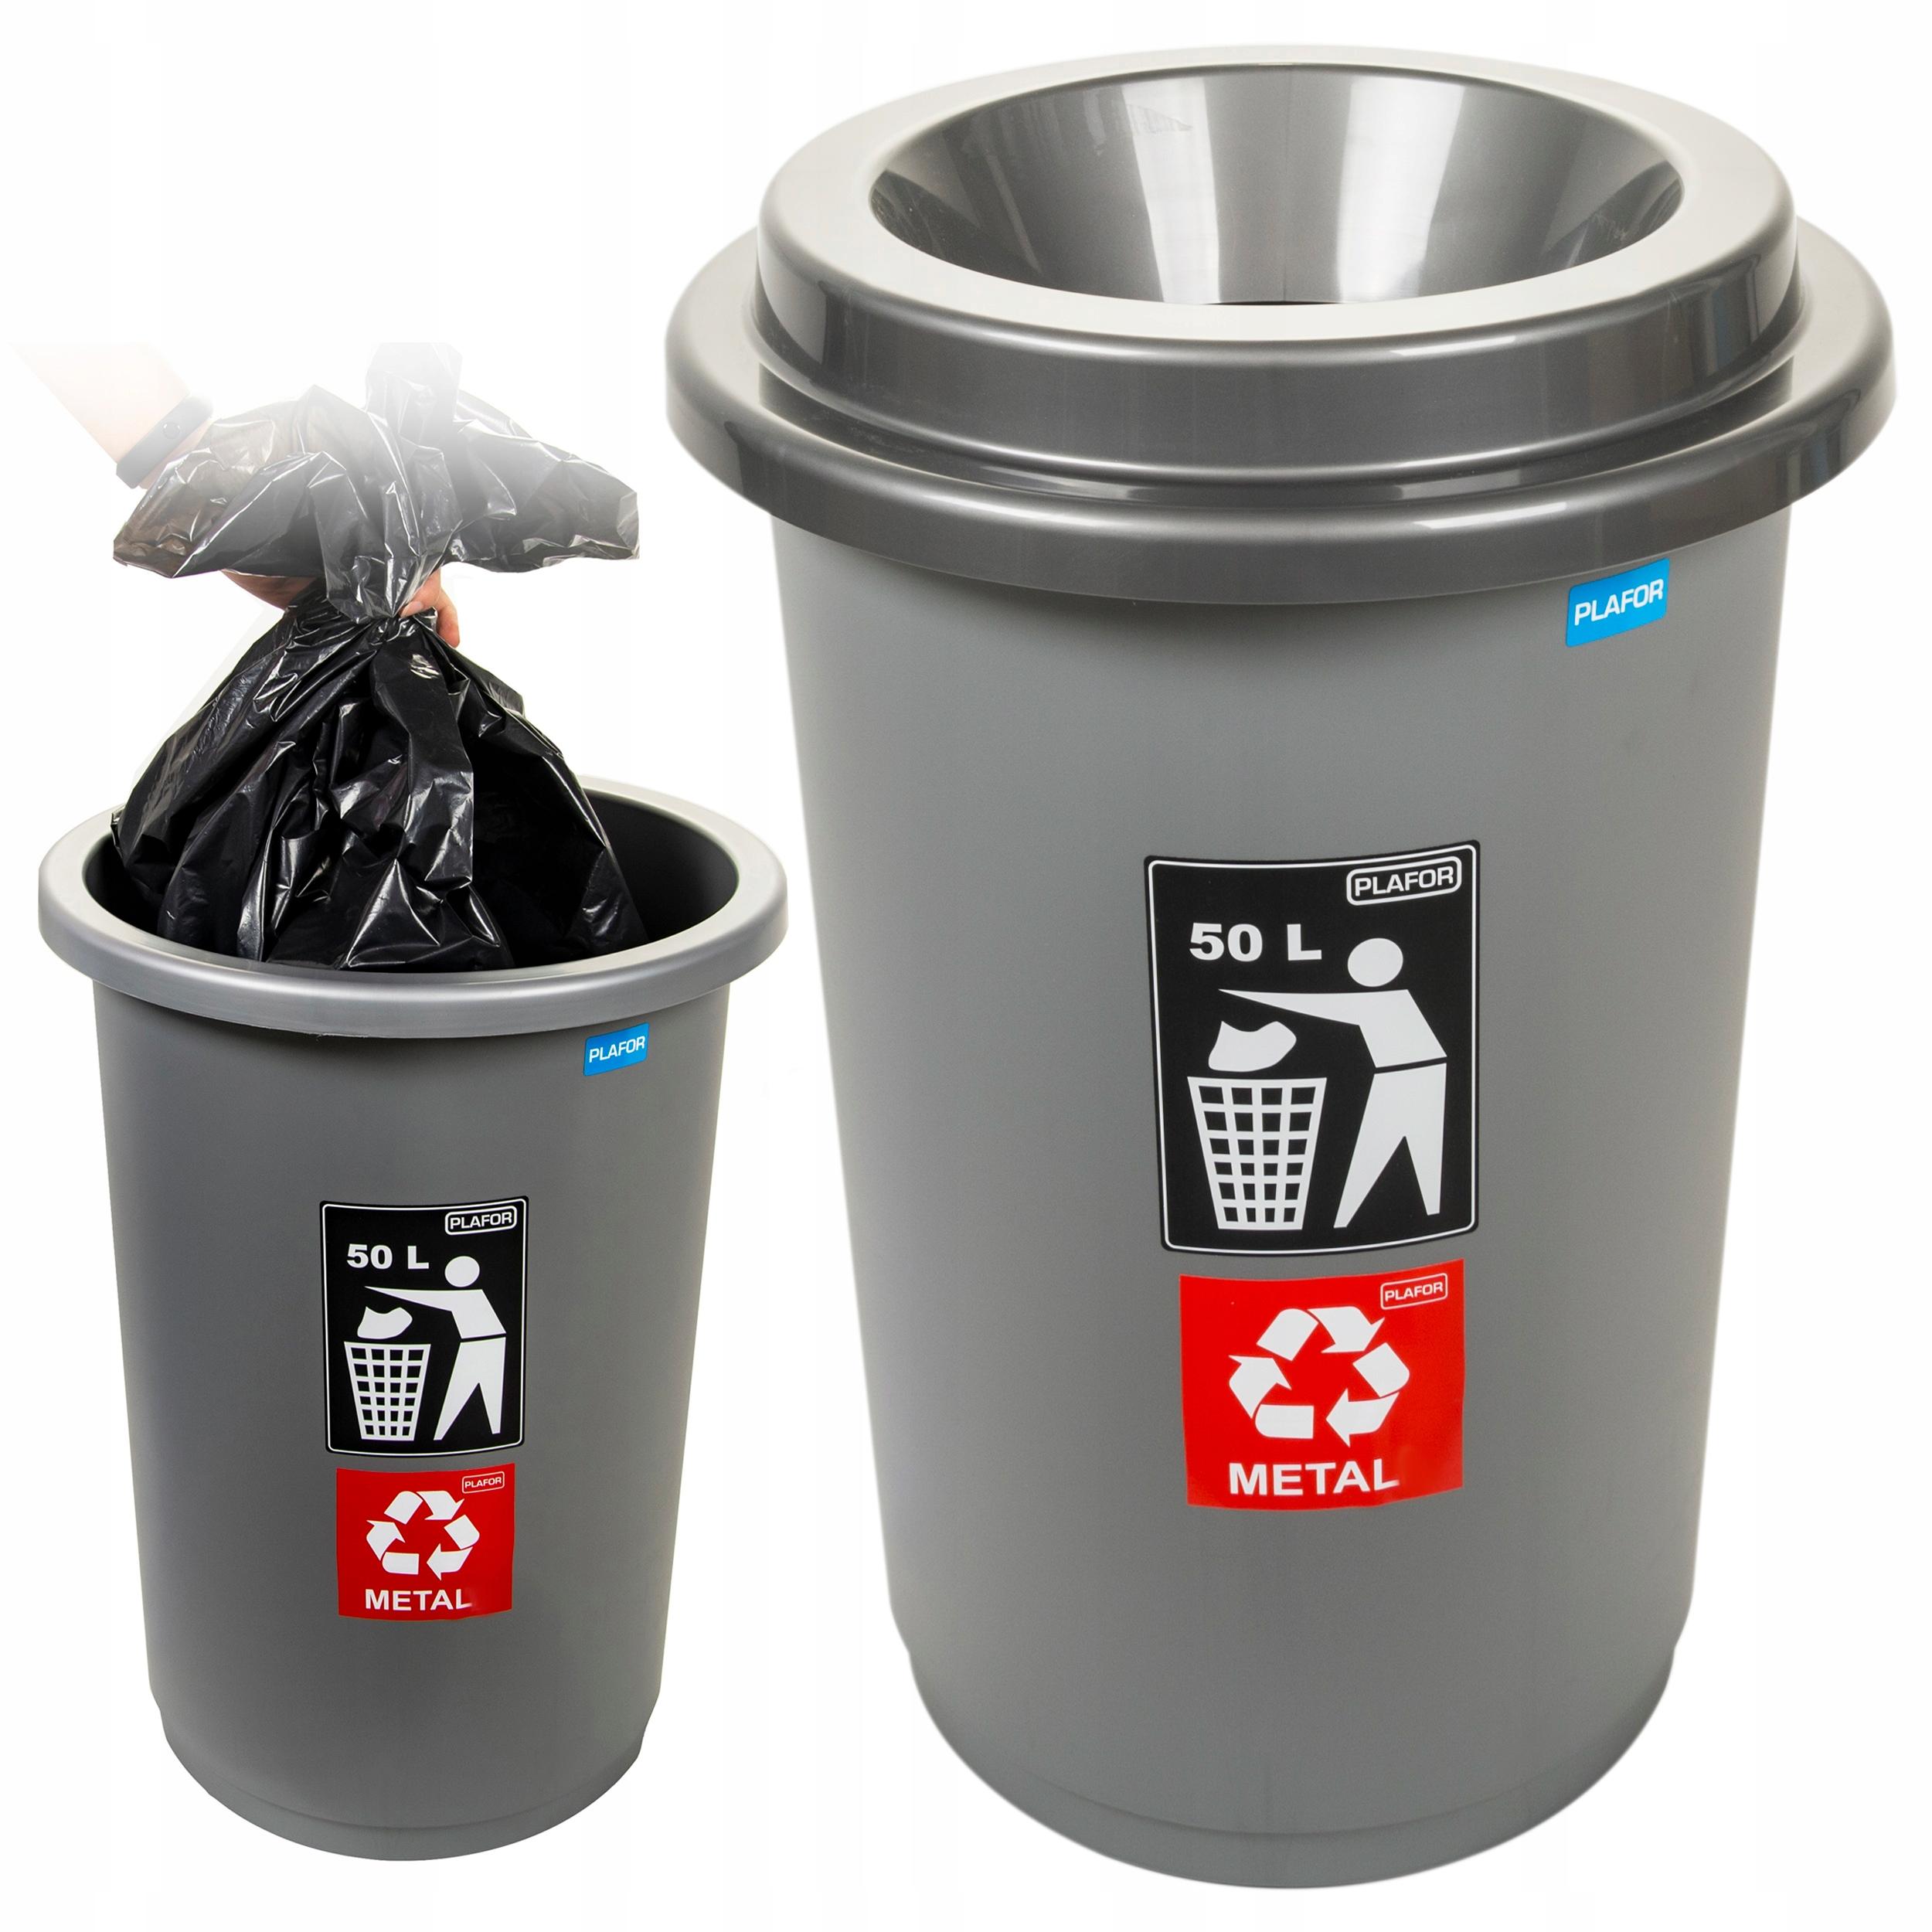 Корзина для мусора отходов контейнер для сортировки металла